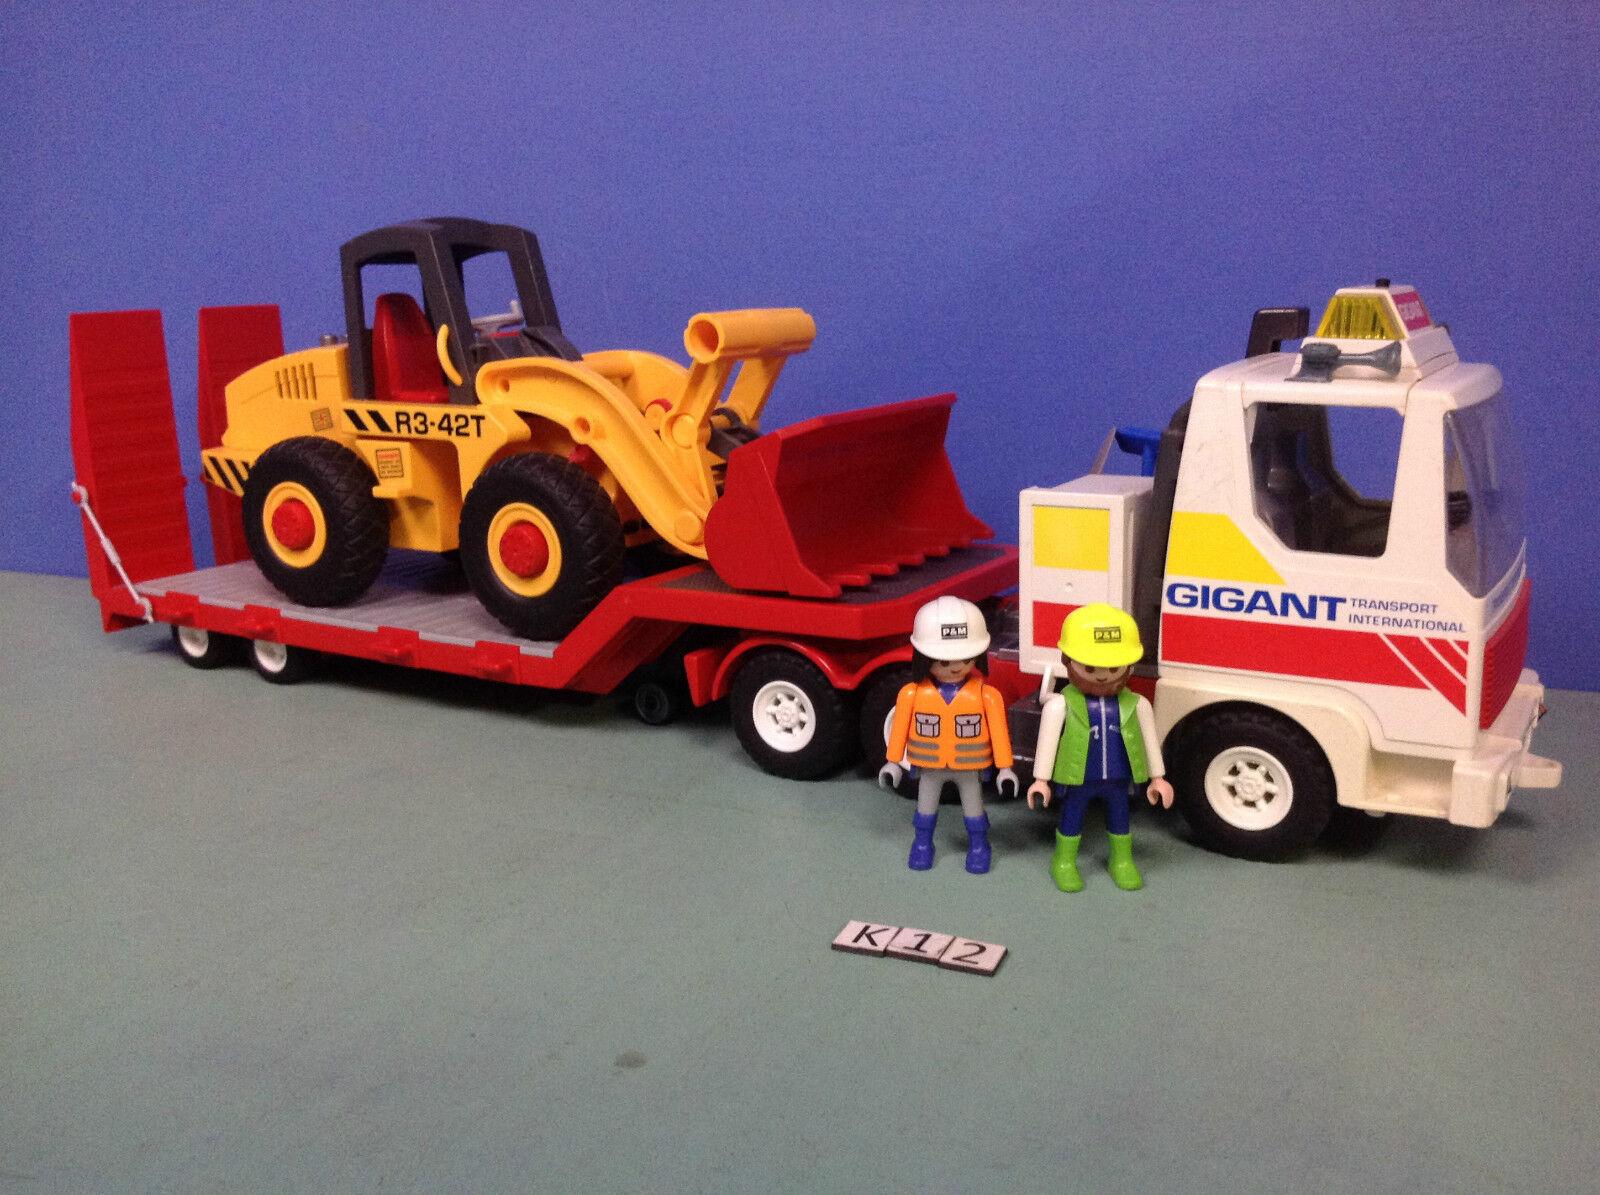 (K12)  playmobil Camion transport Gigant ref 3935 + Buldozer  Spedizione gratuita per tutti gli ordini